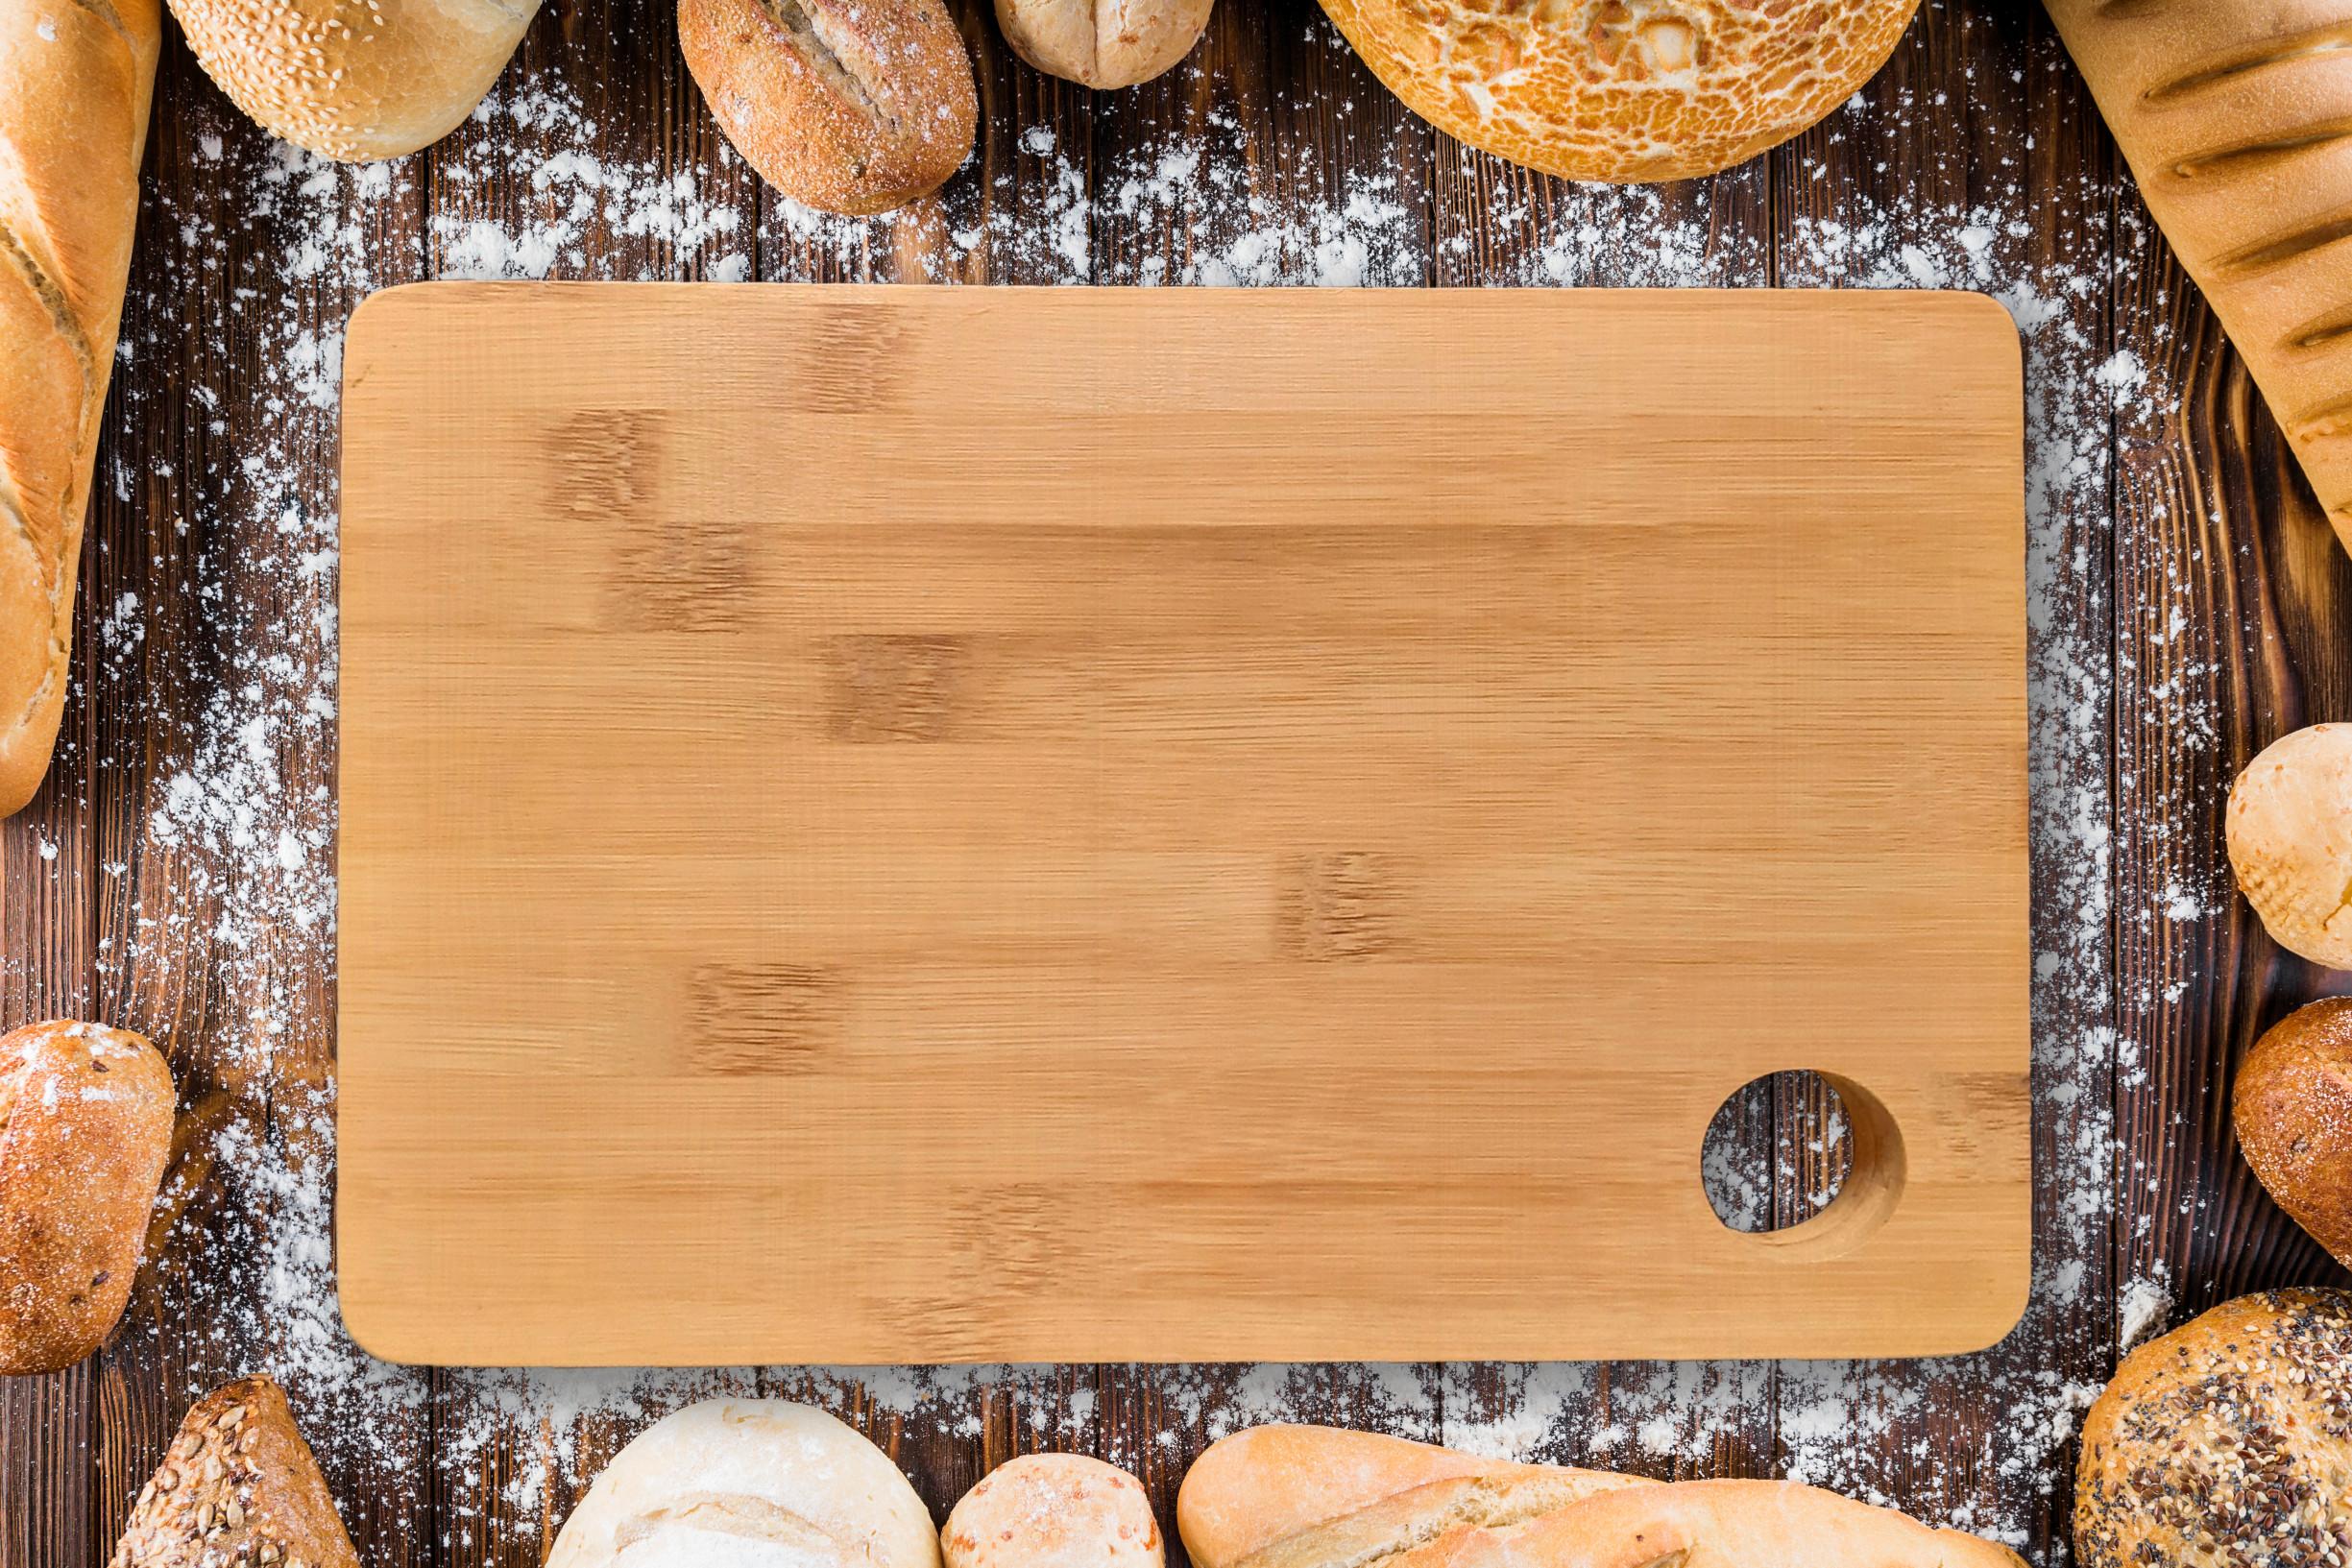 Thớt gỗ tre tự nhiên - Oaak 26x19x2 cm - Sản xuất tại Việt Nam